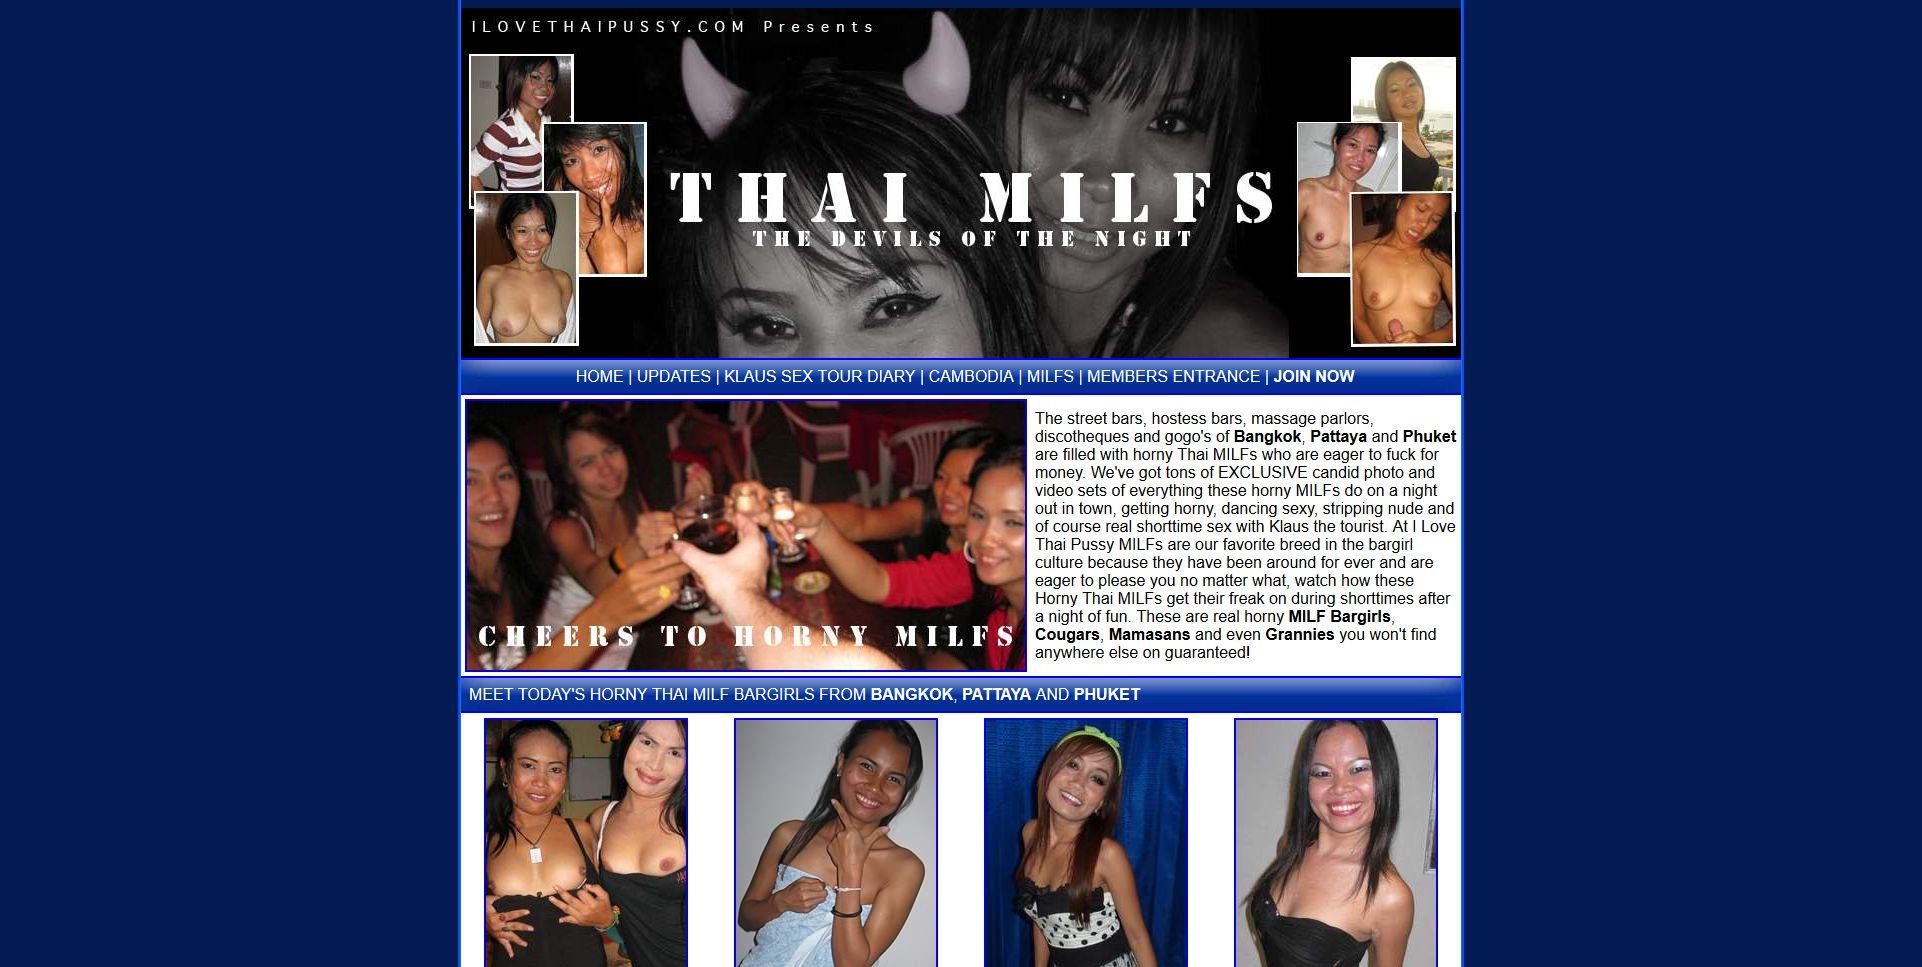 thaimilfs